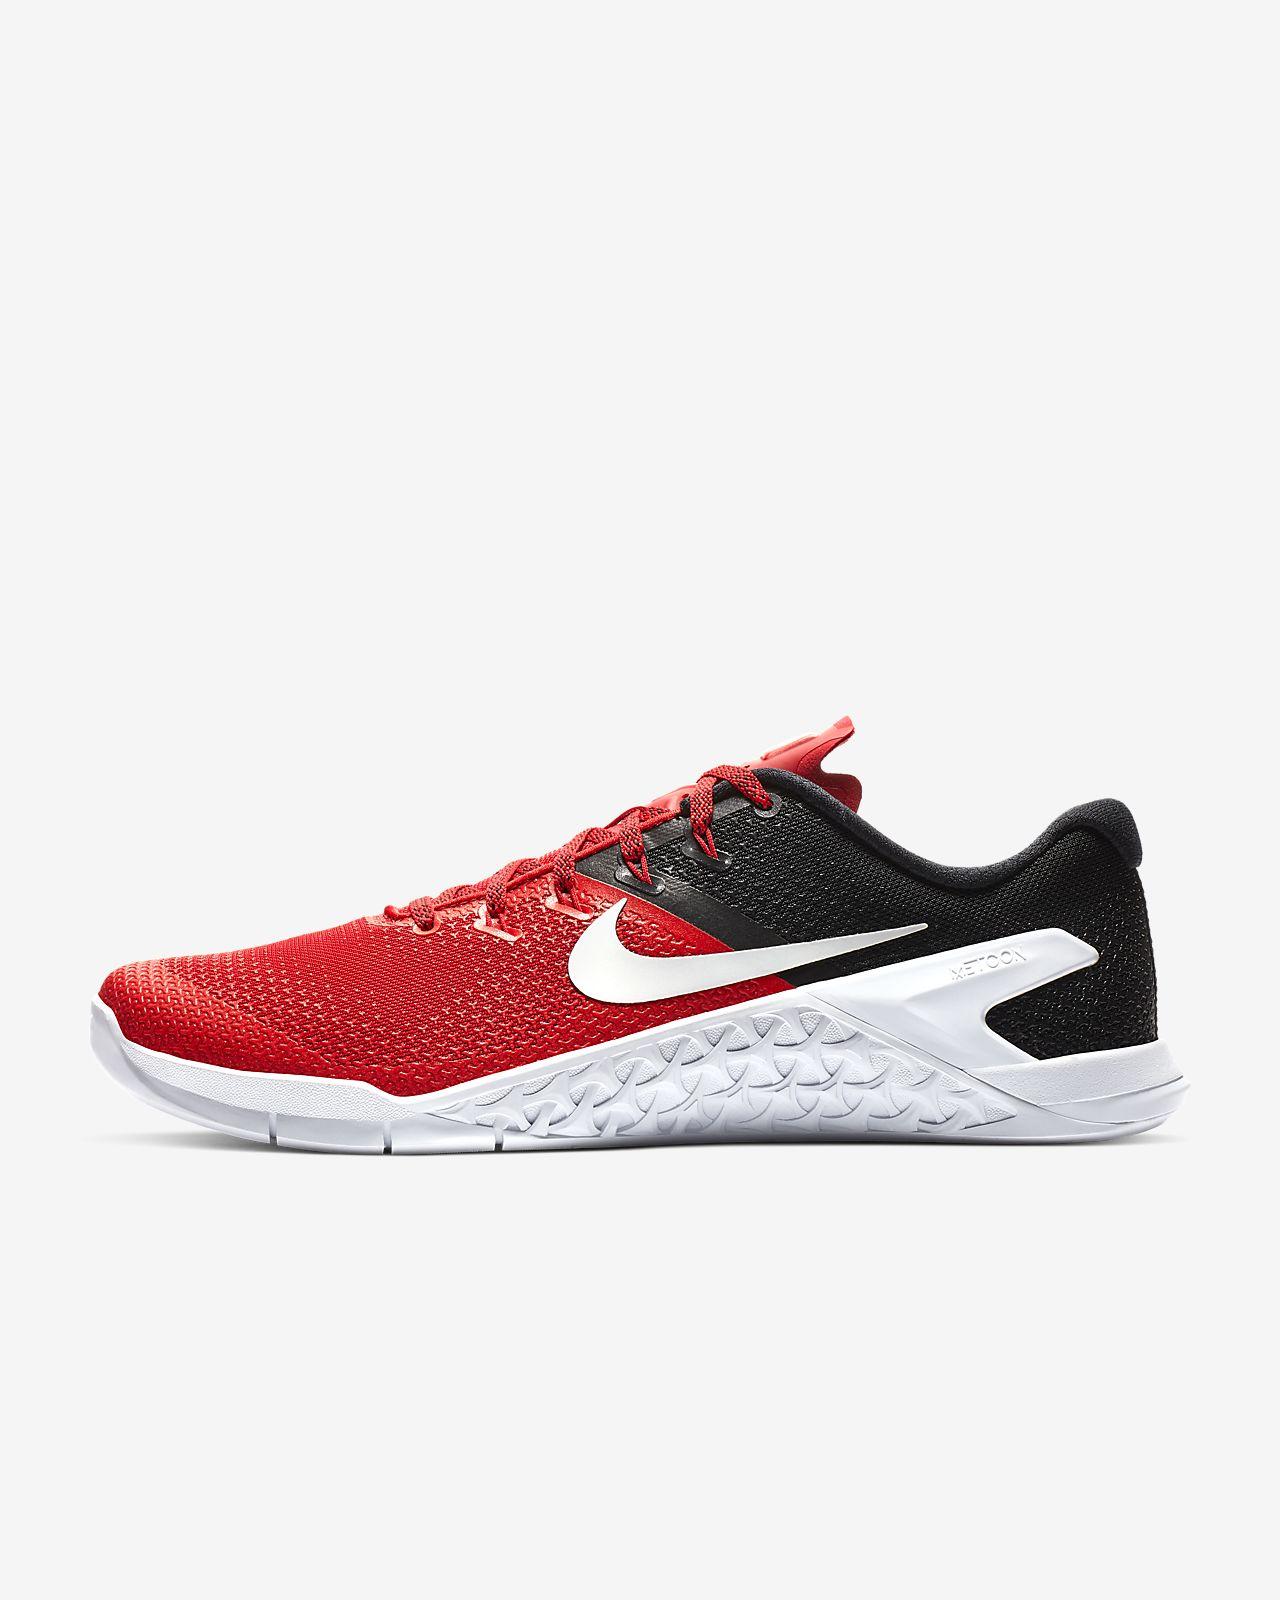 48191b8f32c ... Sapatilhas de treino multidisciplinar halterofilismo Nike Metcon 4 para  homem